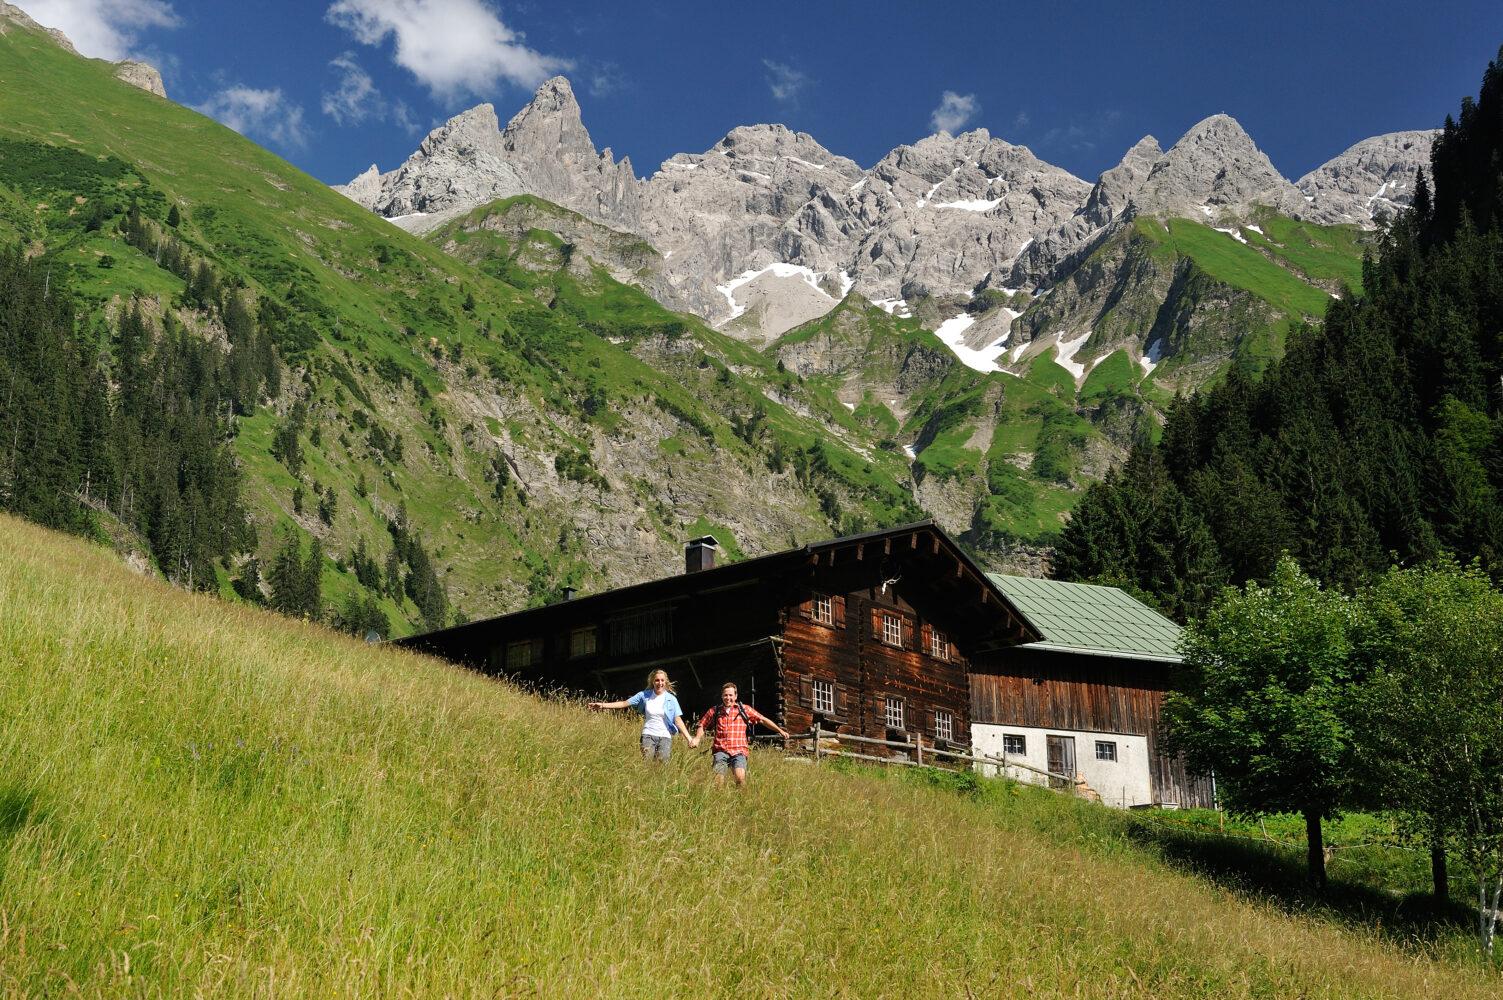 Inmitten der traumhaften Kulisse der Allgäuer Hochalpen sind die Outdoor-Aktivitäten in der Region Oberstdorf nahezu grenzenlos. (Foto: Oberstdorf Tourismus, Photografie Monschau)